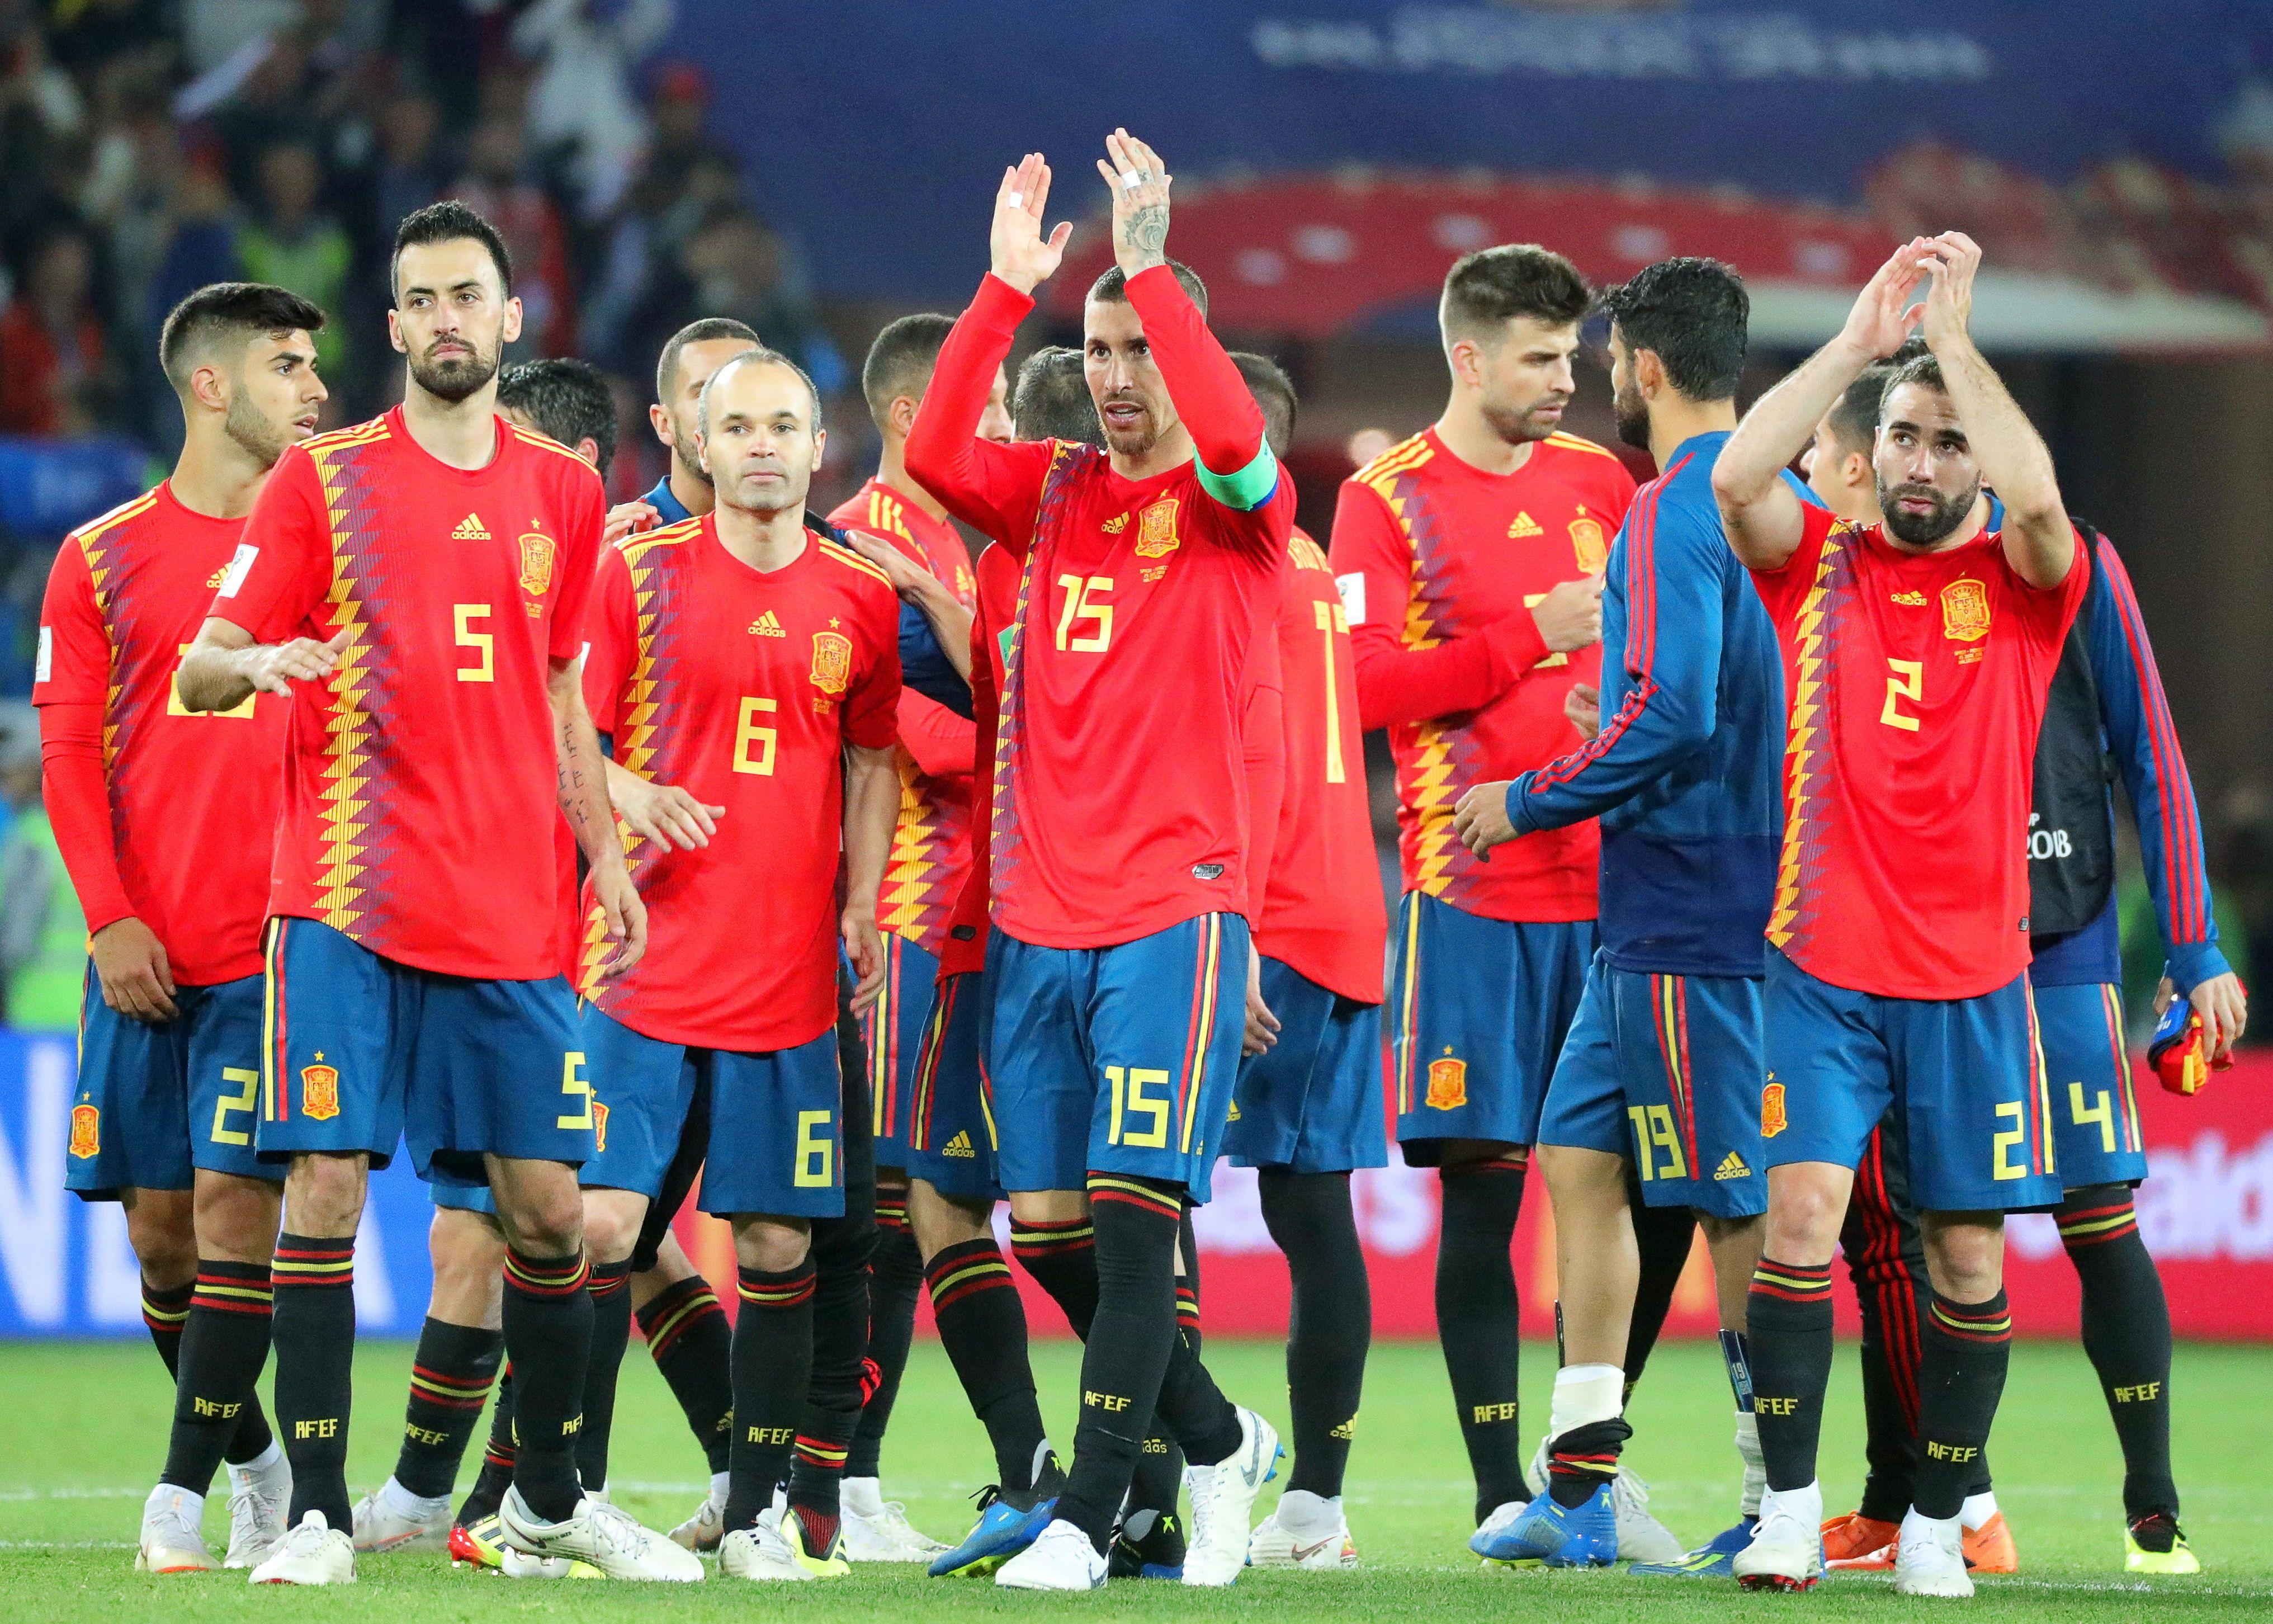 Jugadores de España saludan tras la finalización de un partido. Foto: EFE